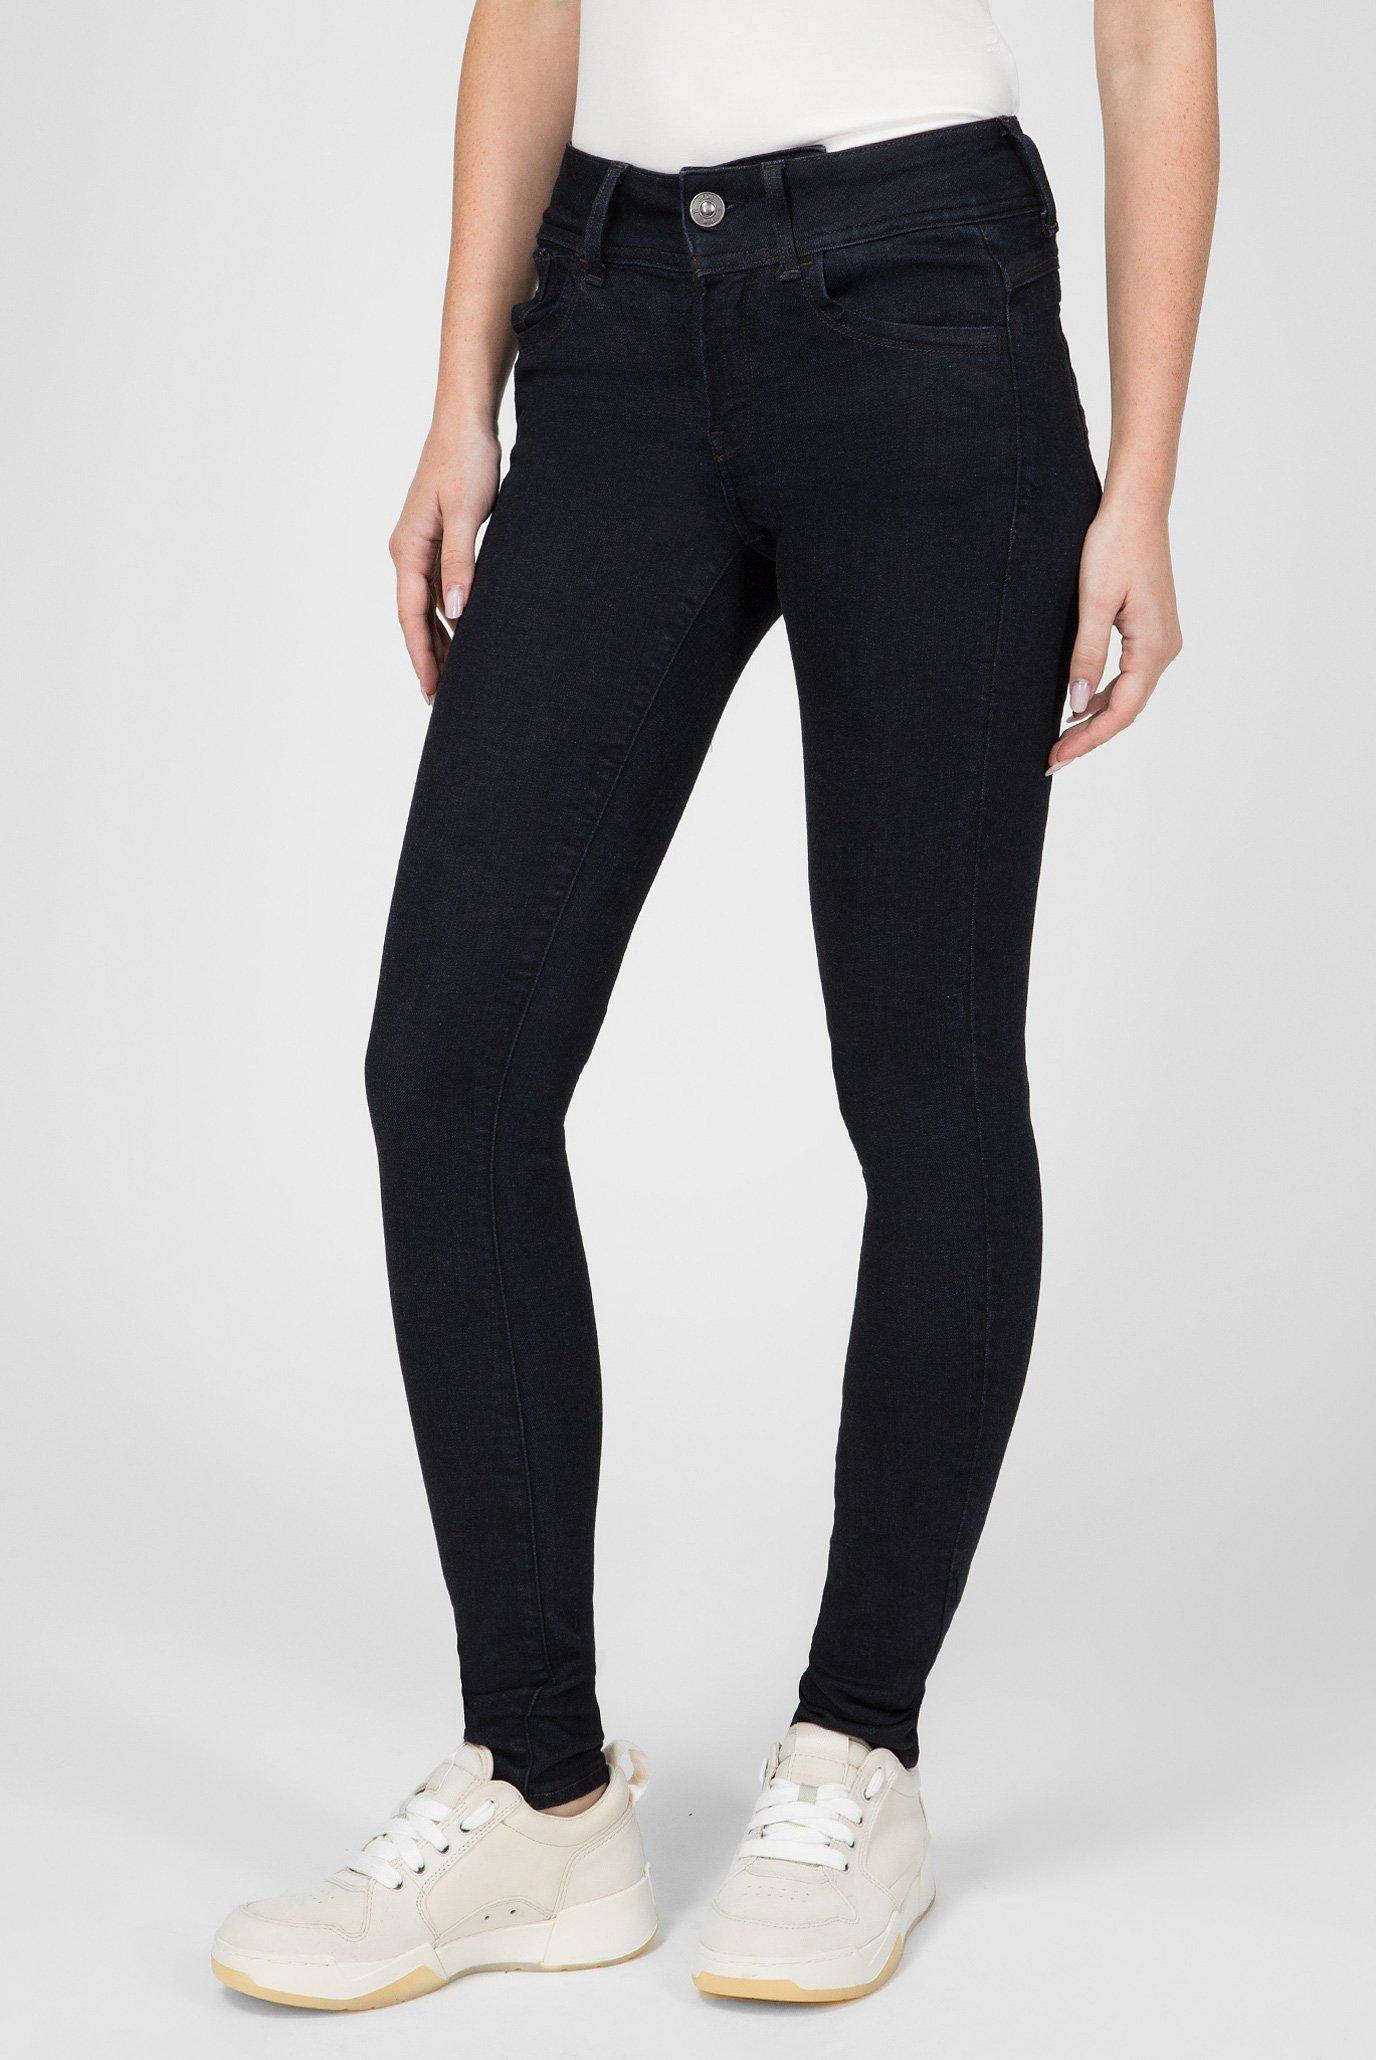 Купить Женские черные джинсы Lynn d-Mid Super Skinny G-Star RAW G-Star RAW D06333,9425 – Киев, Украина. Цены в интернет магазине MD Fashion